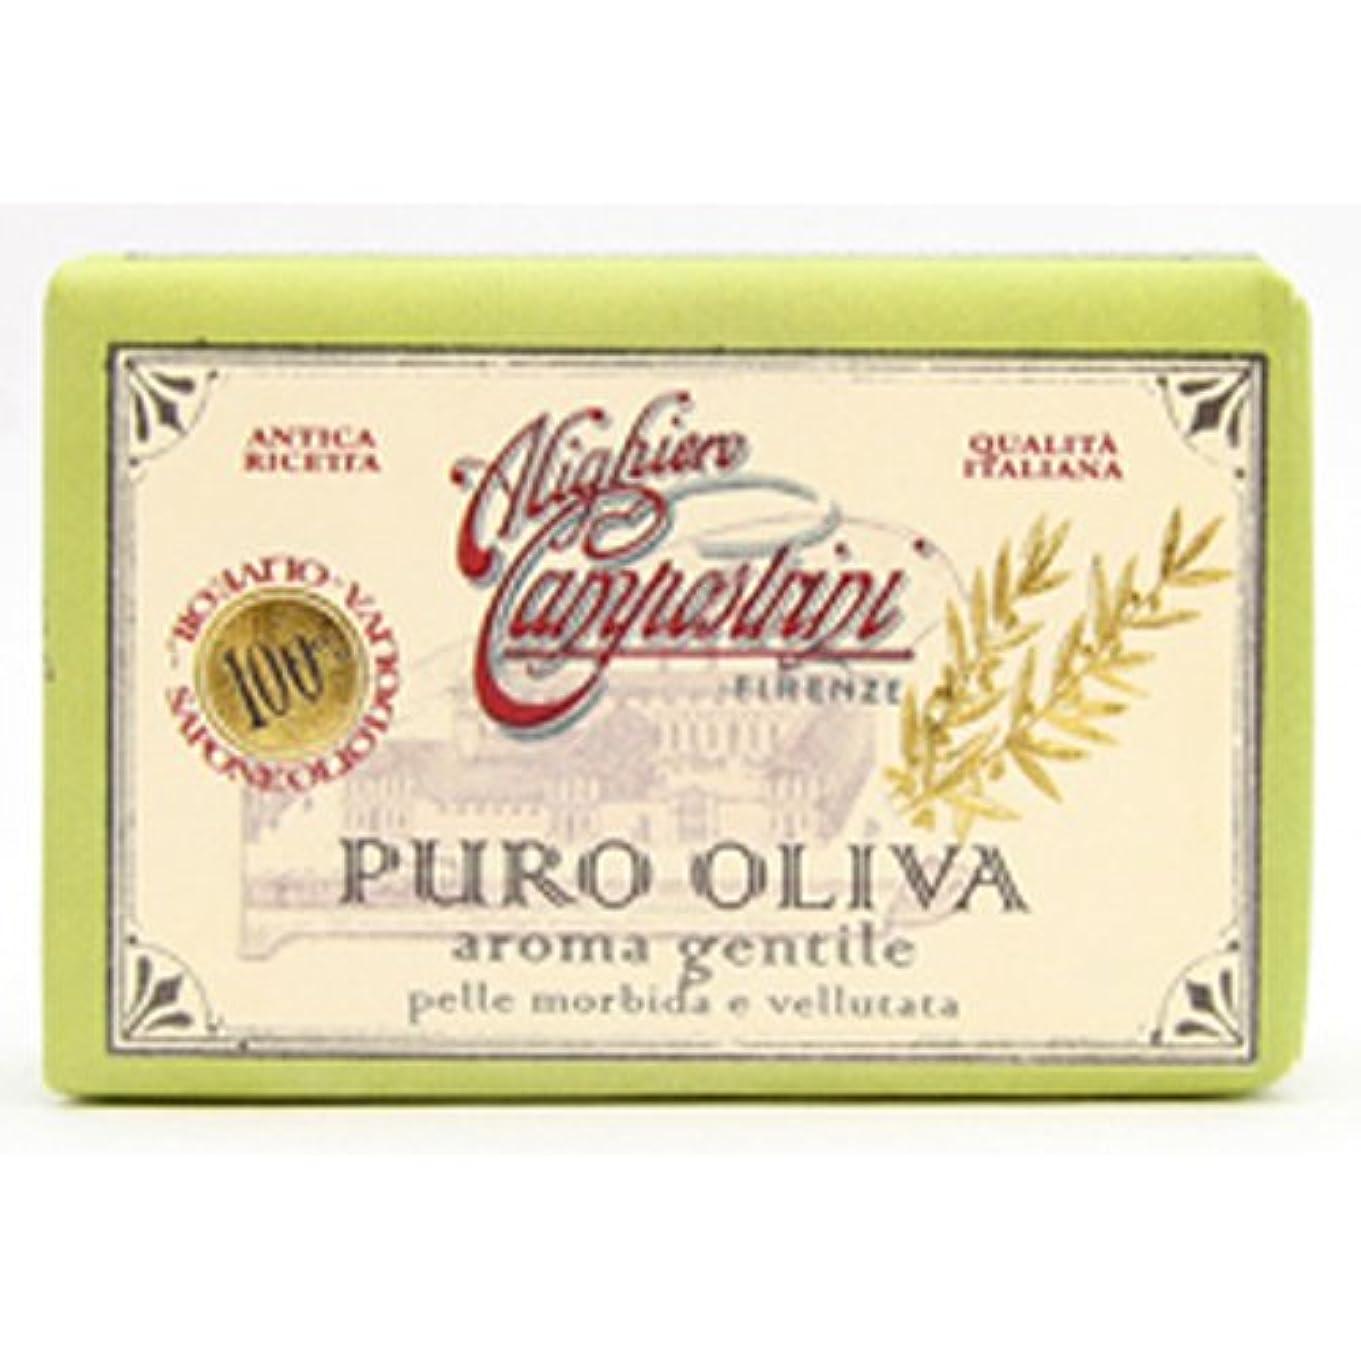 ふける麺先のことを考えるSaponerire Fissi サポネリーフィッシー PURO OLIVA Soap オリーブオイル ピュロ ソープ Aroma gentile ジェントル(グリーン)